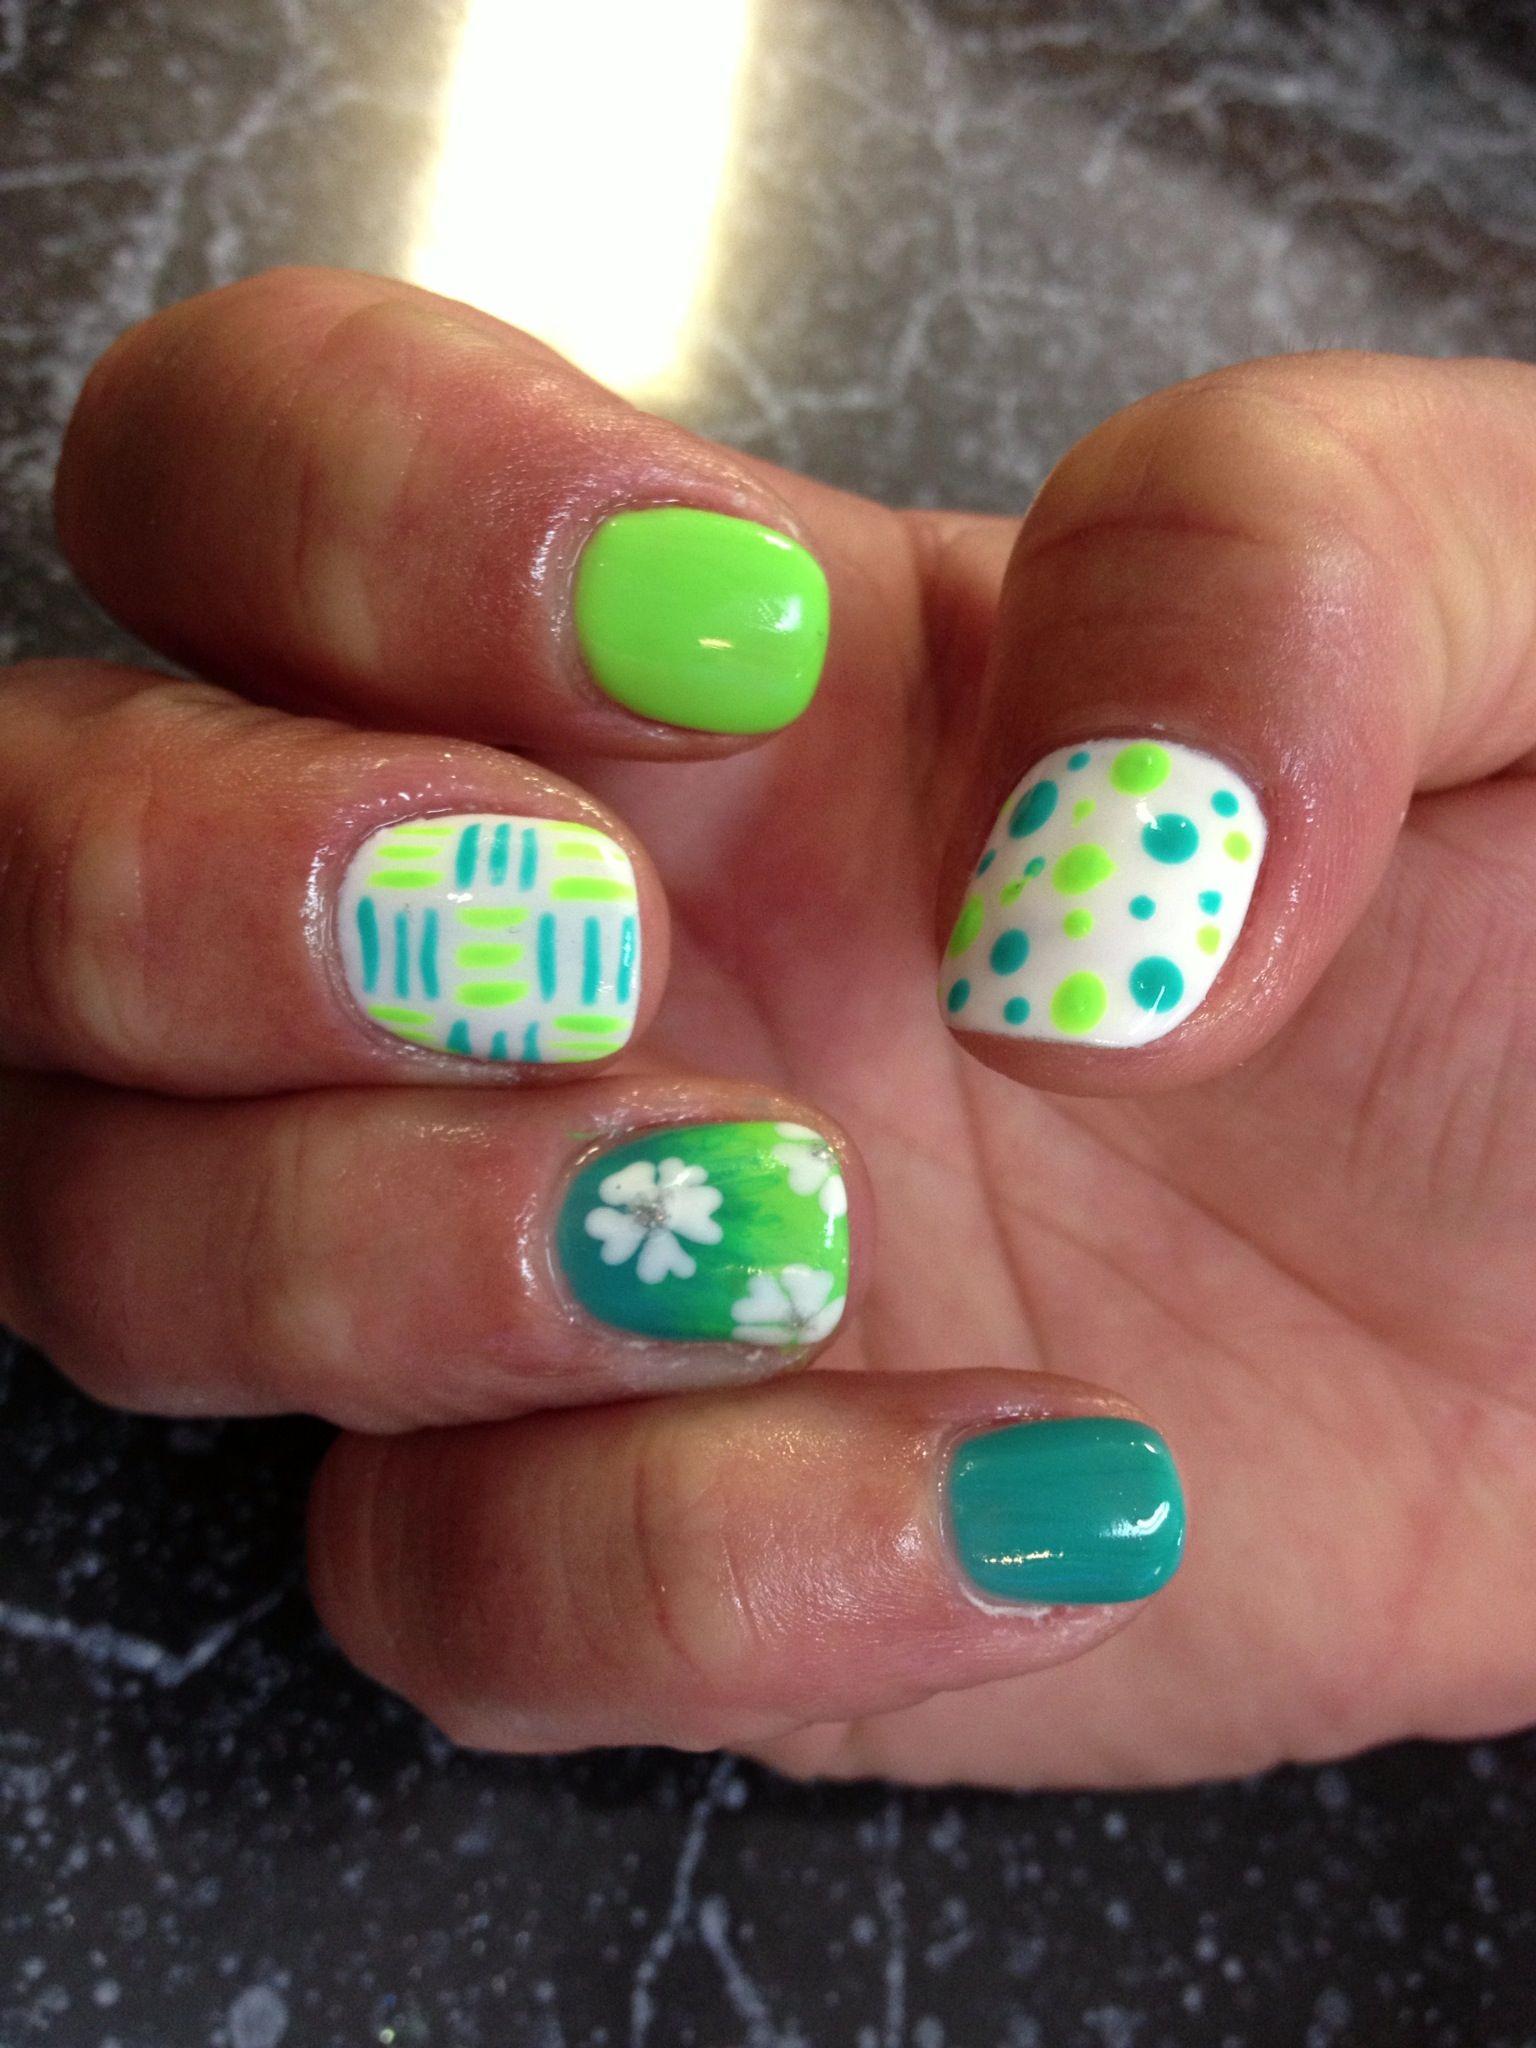 Nail shellac gelish gel nails nail art cute green teal blue fade ...